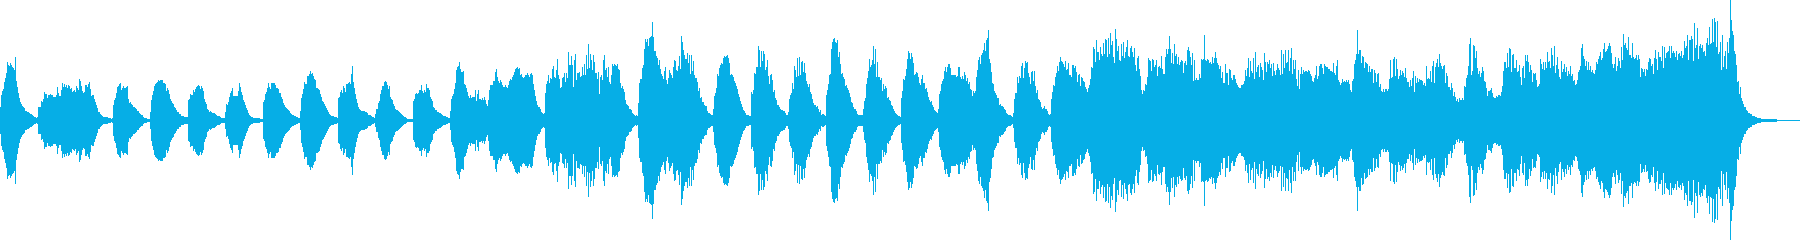 クラシックのバッハ風のジングル_ループの再生済みの波形